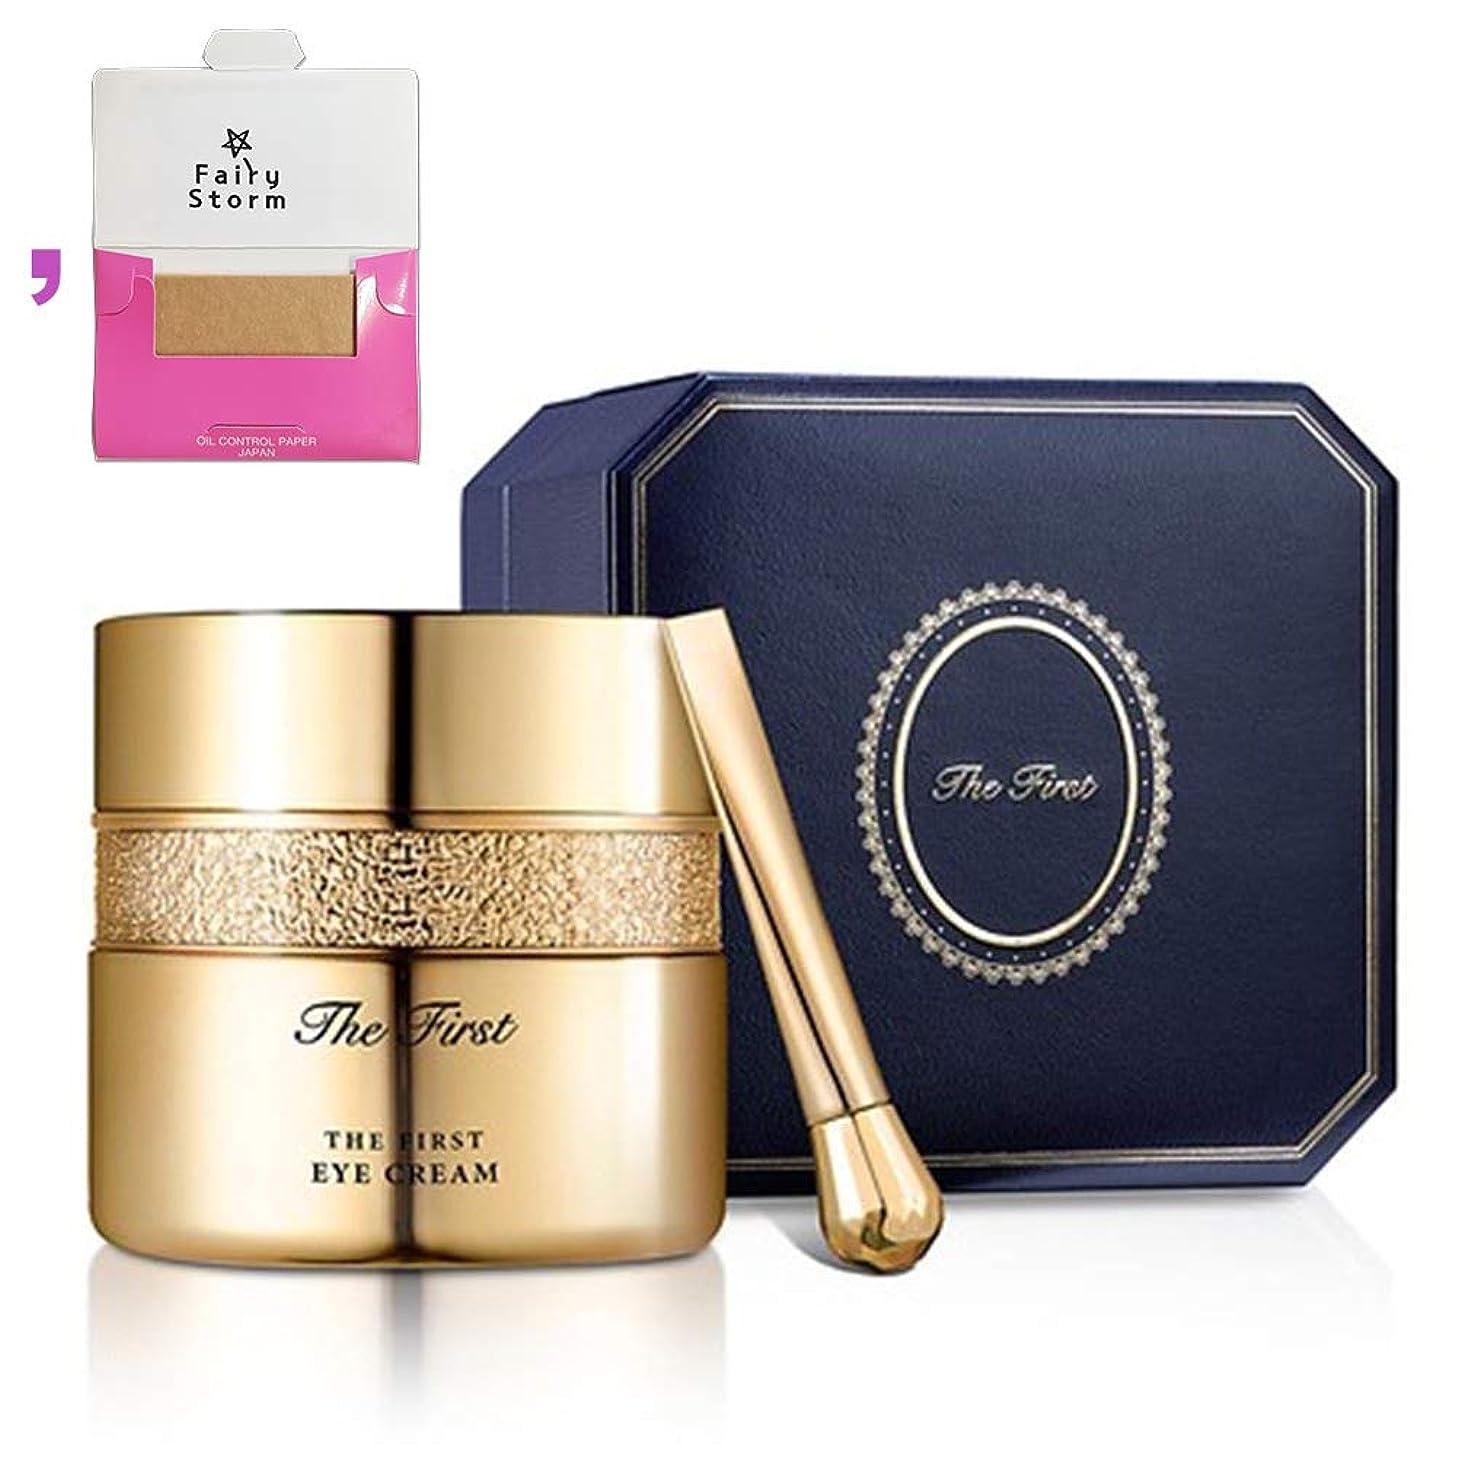 銃もっと少なく顧問[オフィ/ O HUI]韓国化粧品 LG生活健康/Ohui THE FIRST Eye Cream Big Size 55ml Limited Big size さらにファーストアイクリームBig Size + [Sample Gift](海外直送品)